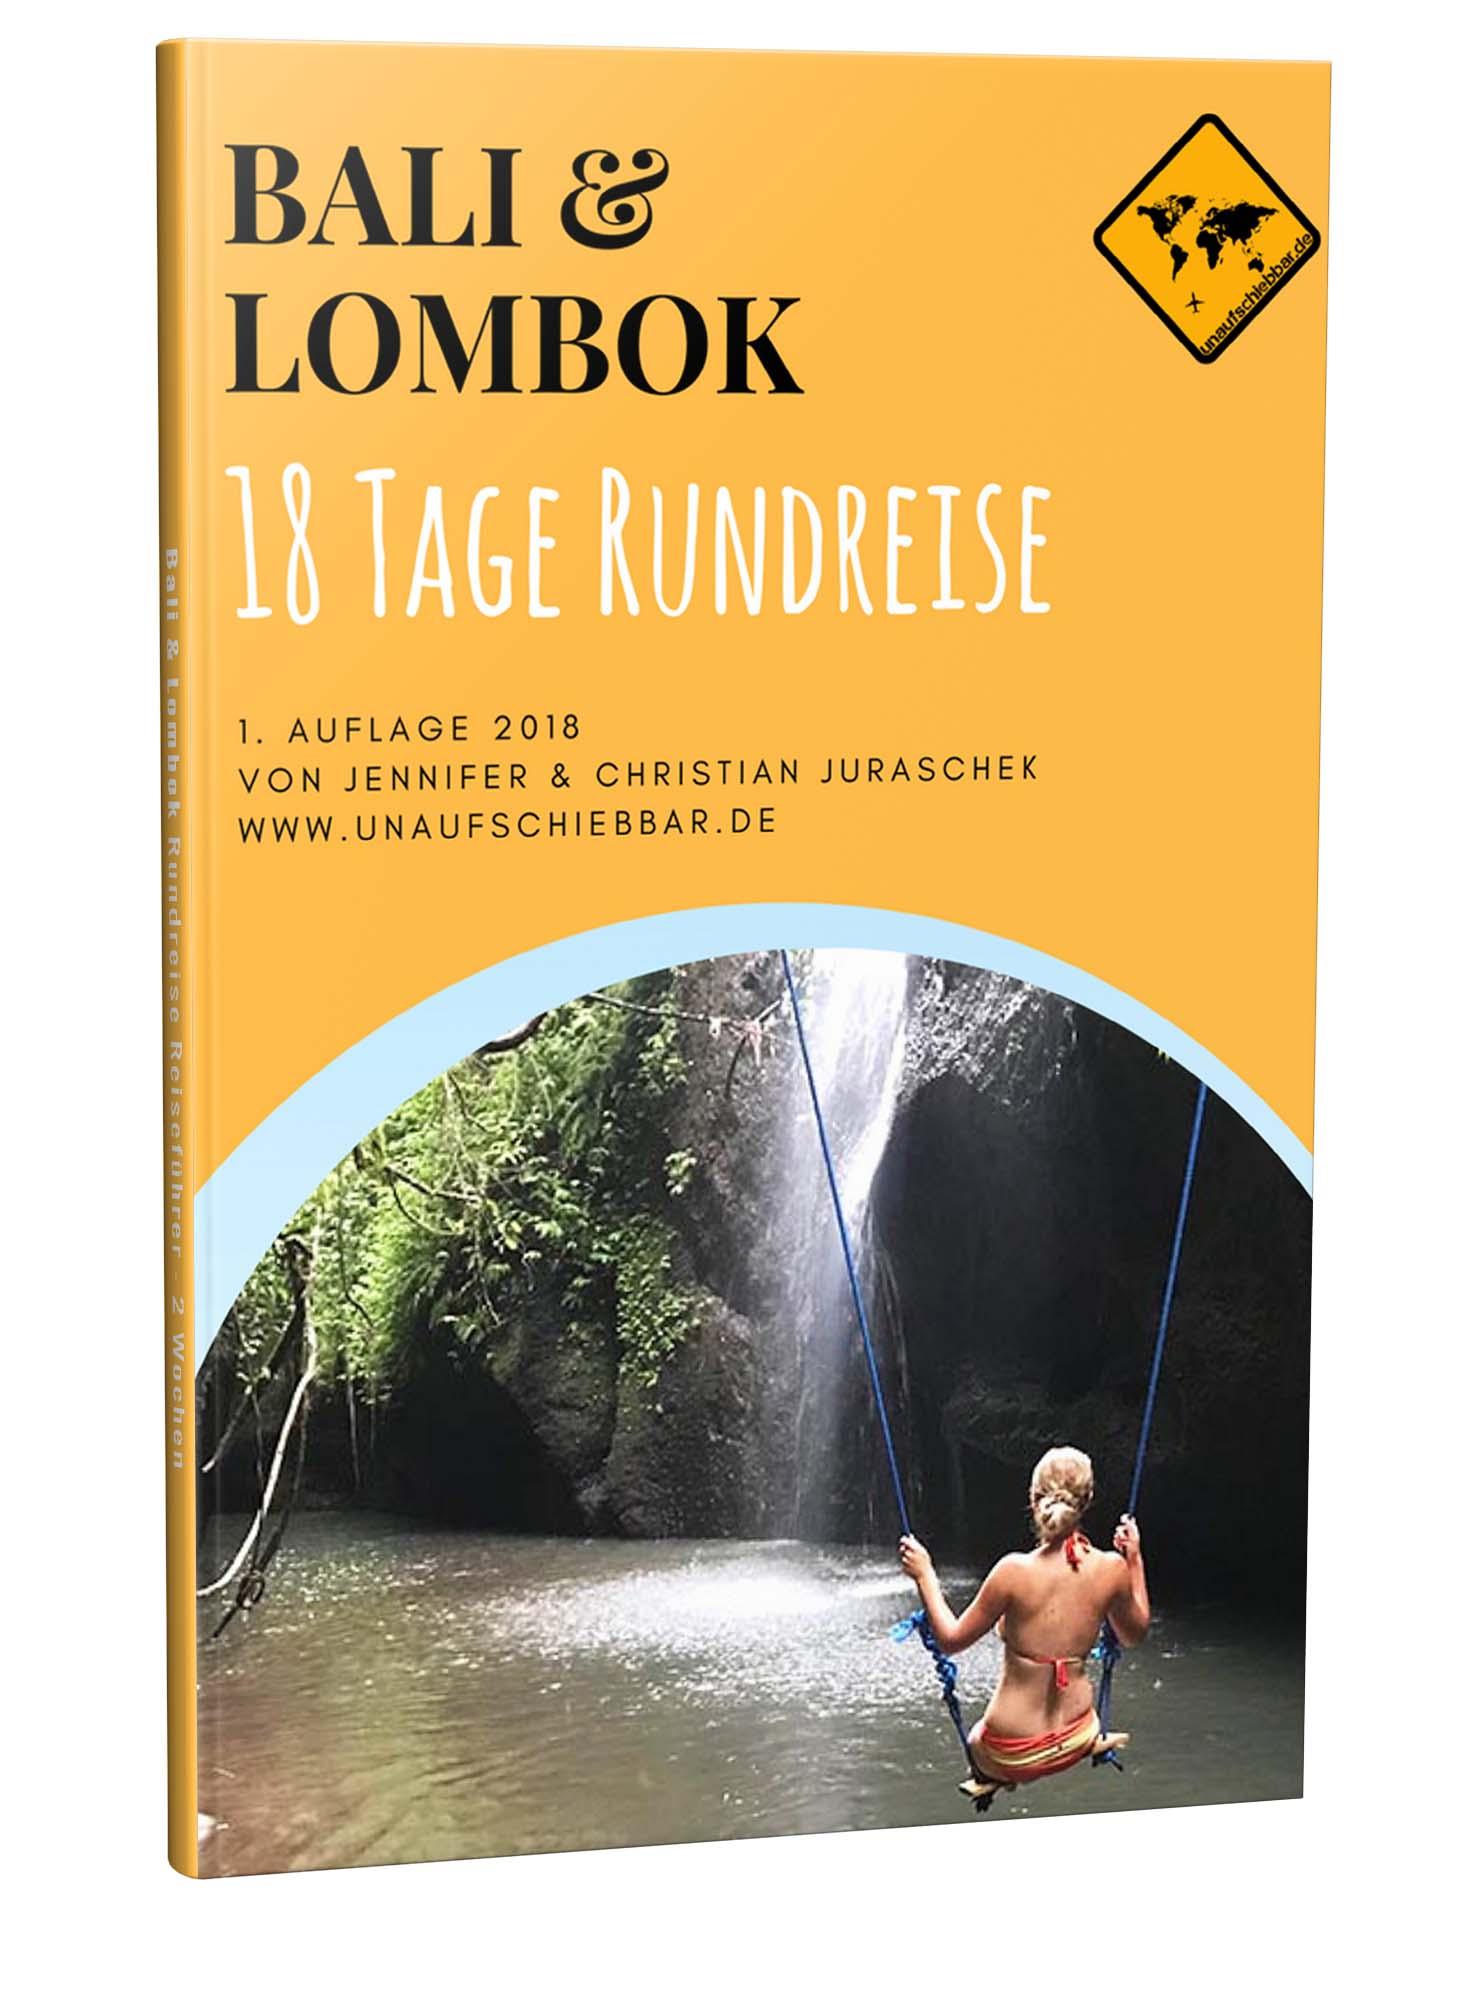 Bali Lombok Rundreise Reiseführer für 18 Tage